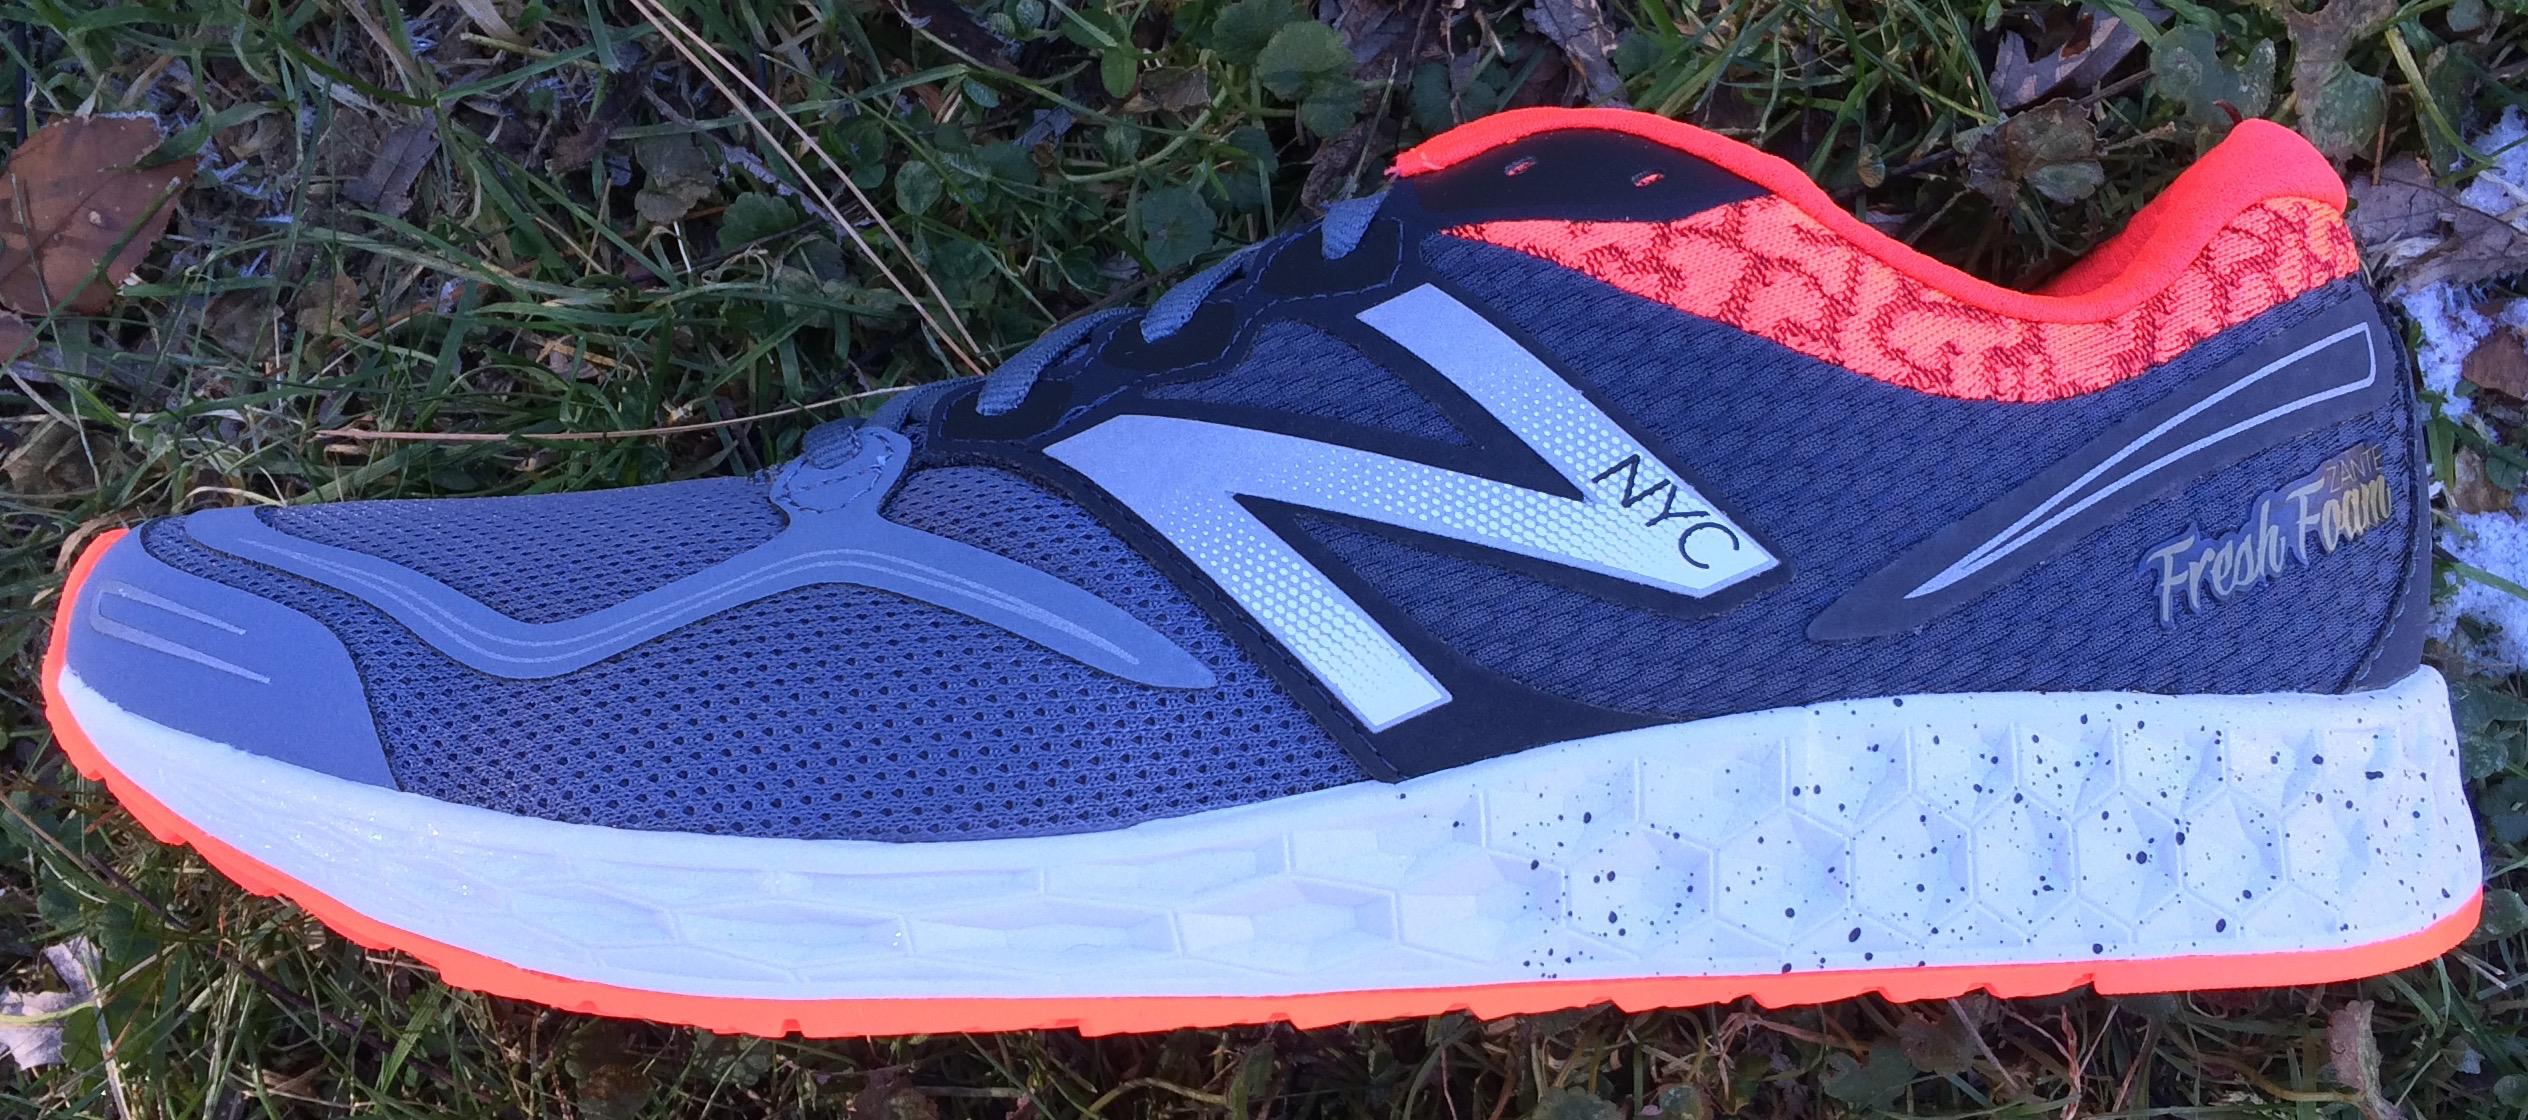 Nike Foam Running Shoes